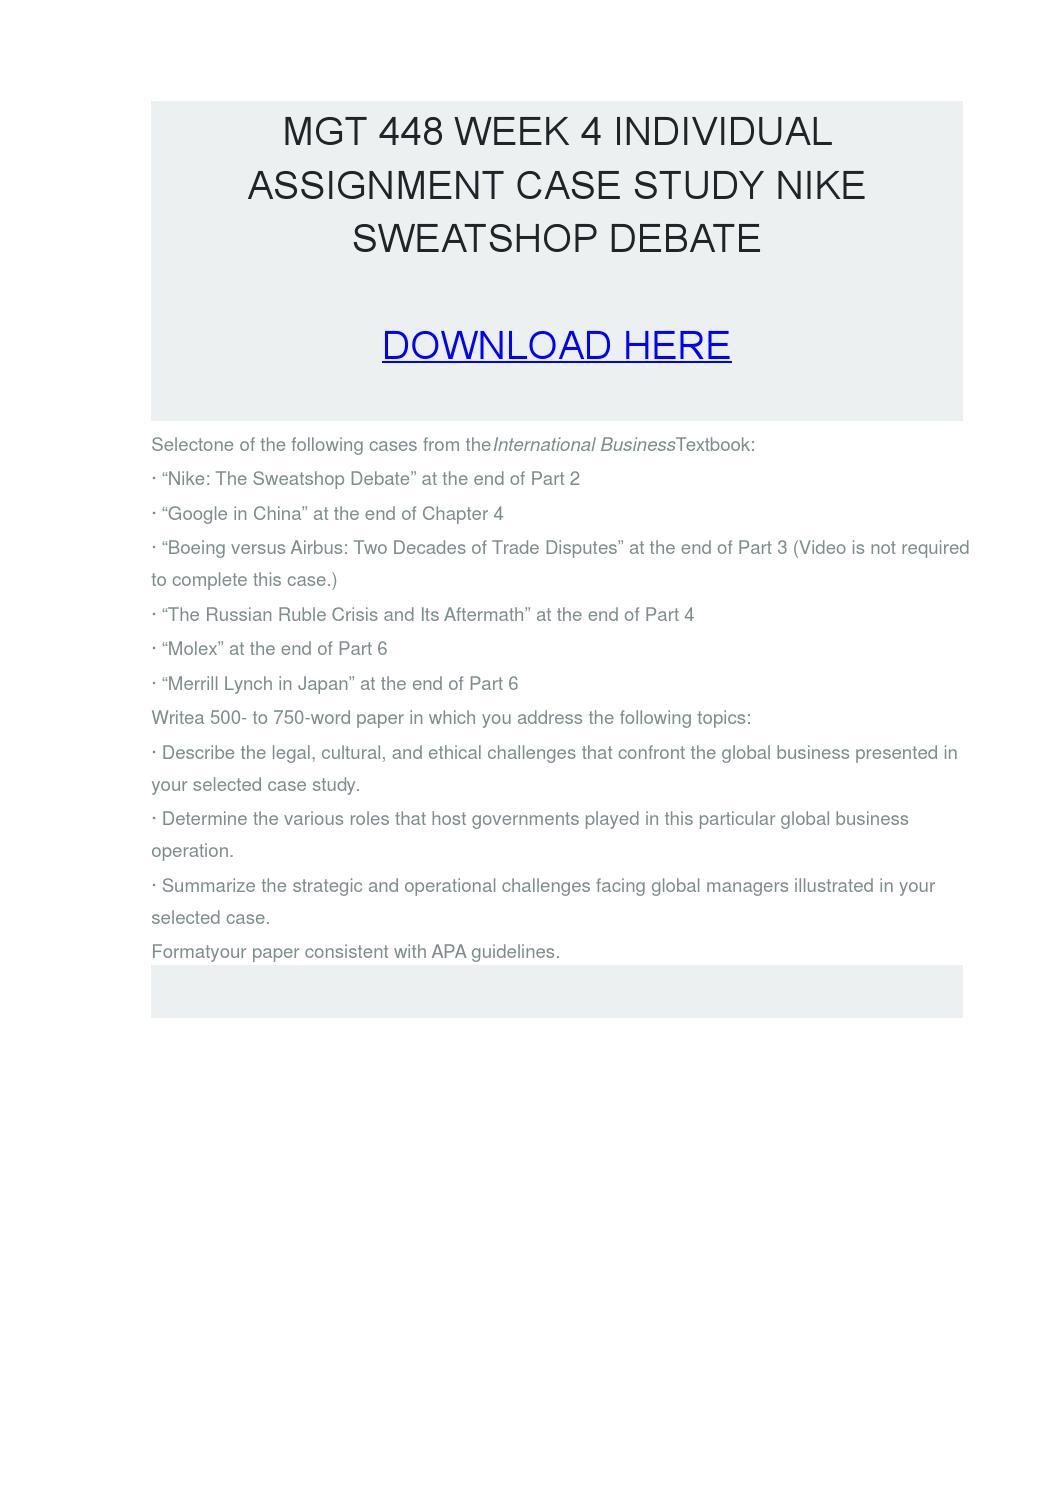 case study 1 nike sweatshops